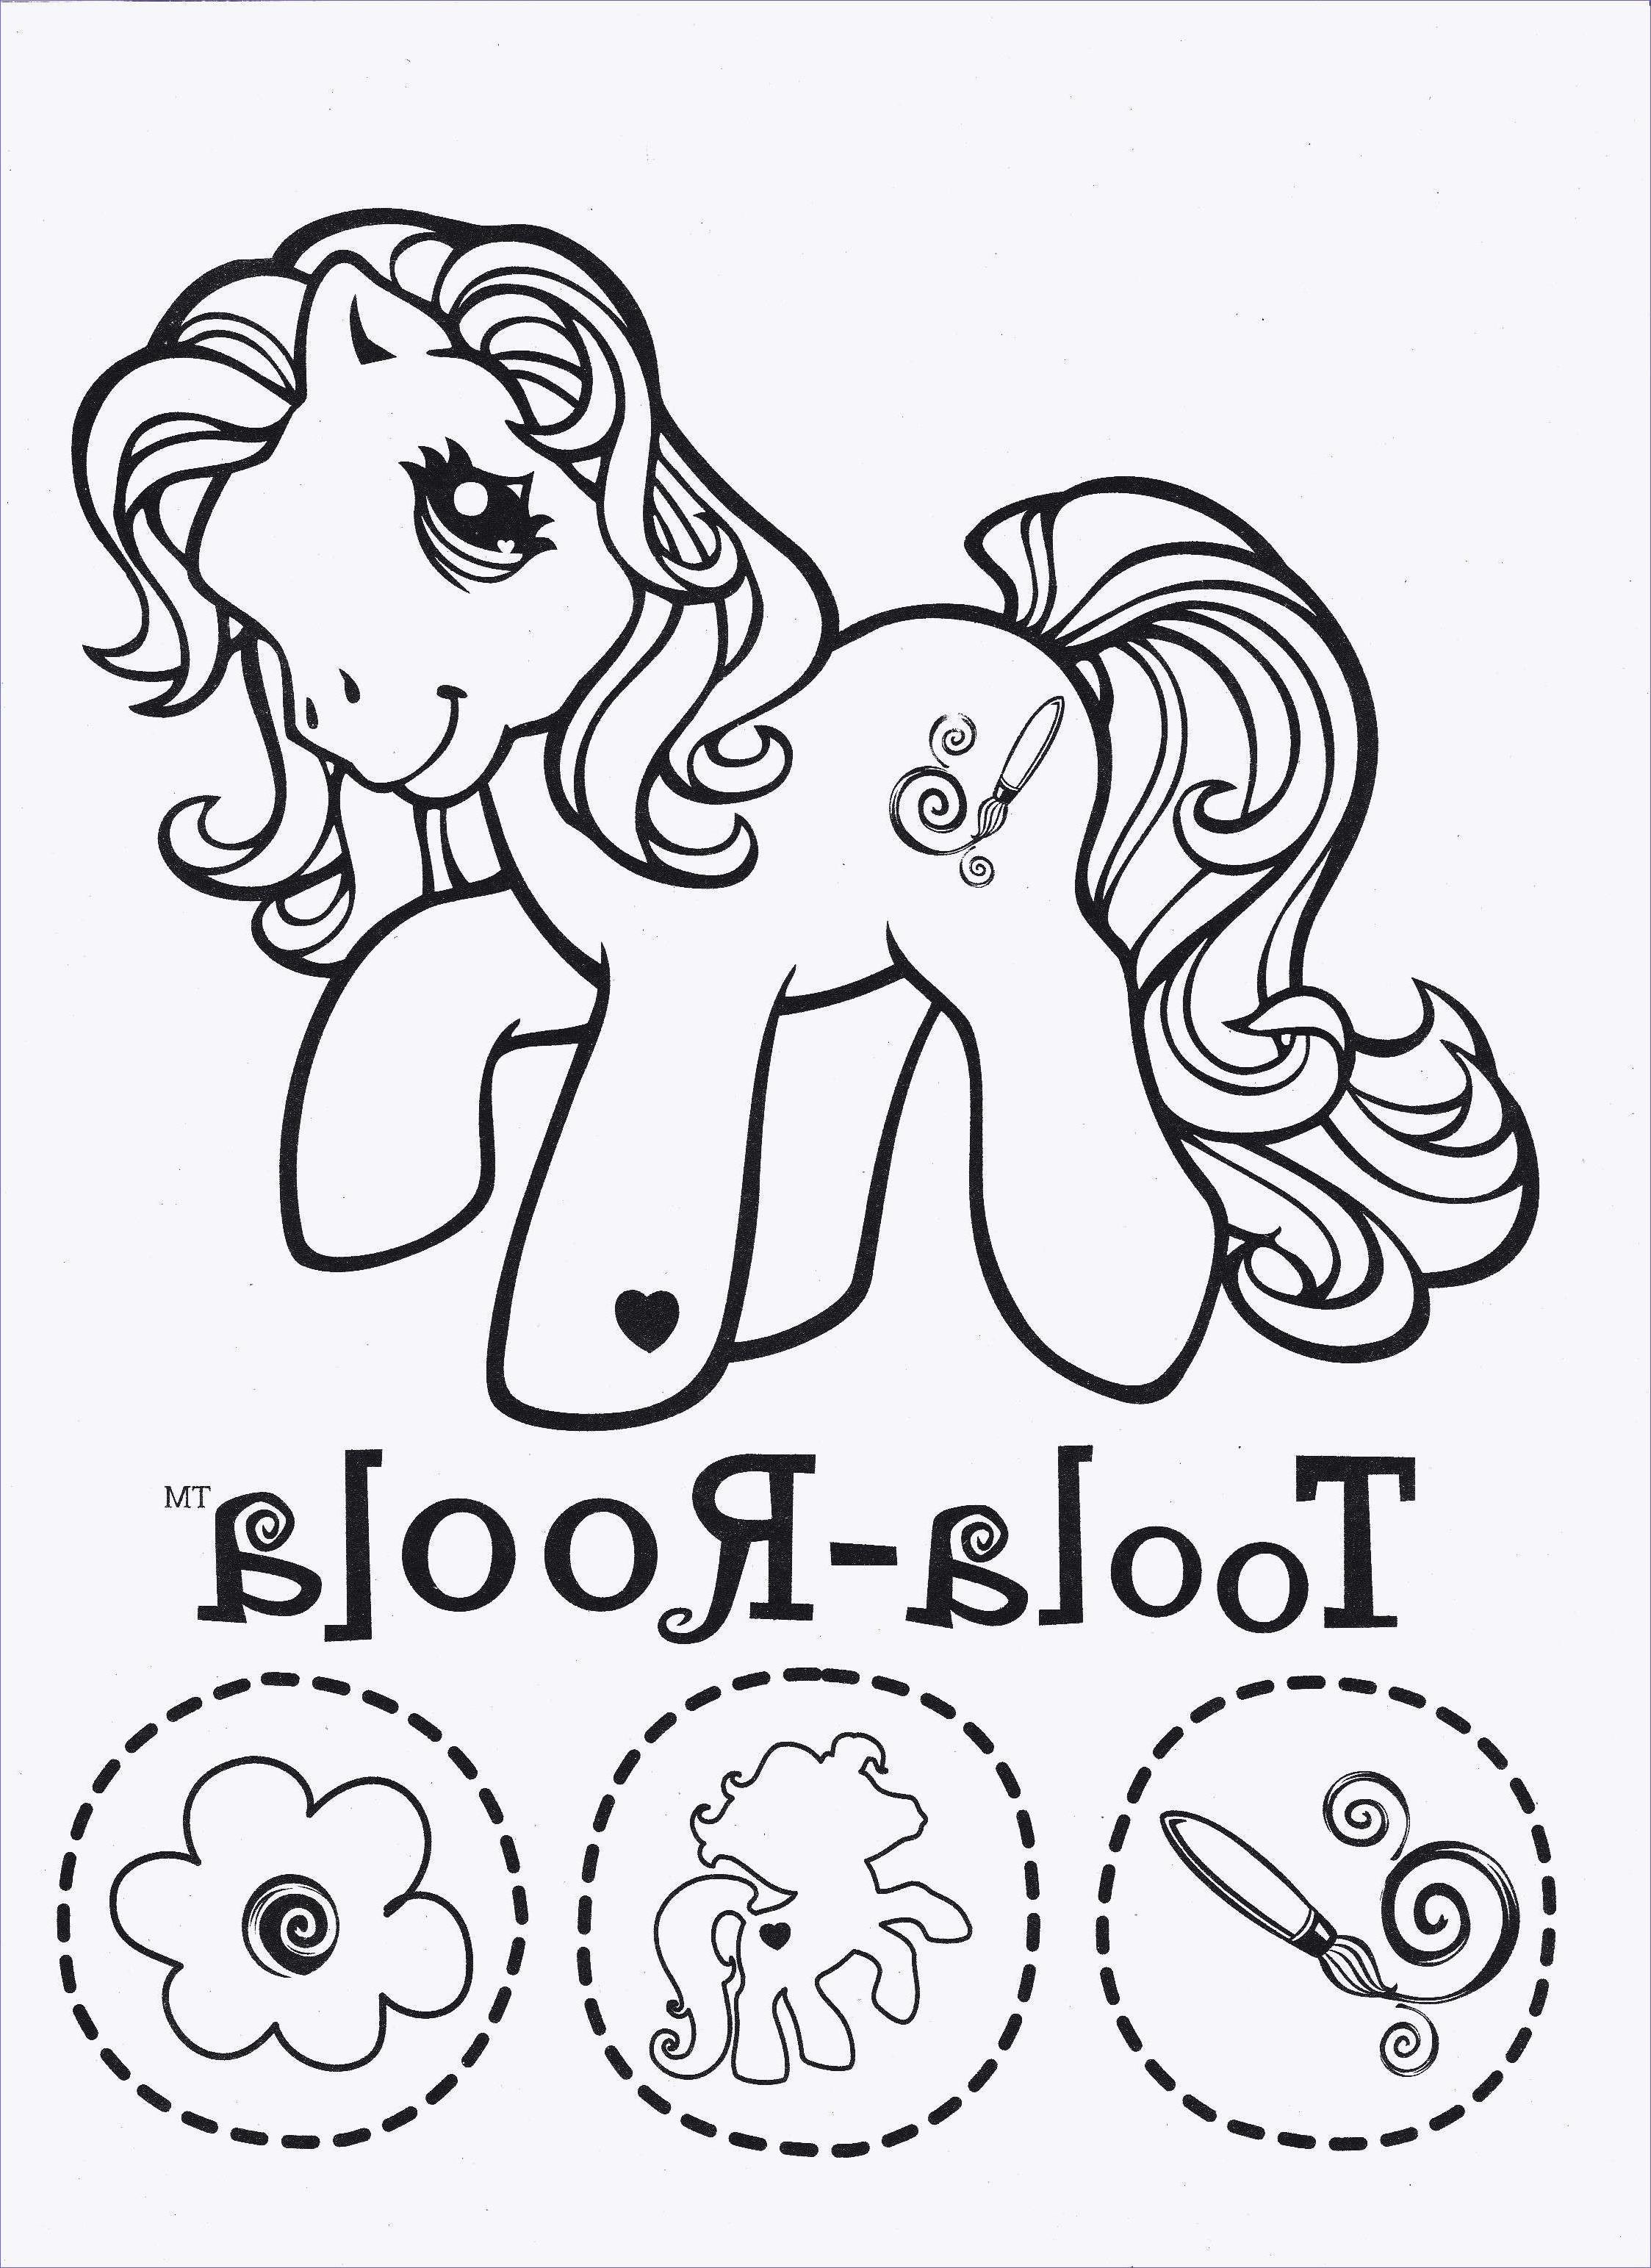 Ausmalbilder My Little Pony Rainbow Dash Inspirierend 32 Fantastisch Ausmalbilder My Little Pony – Malvorlagen Ideen Sammlung